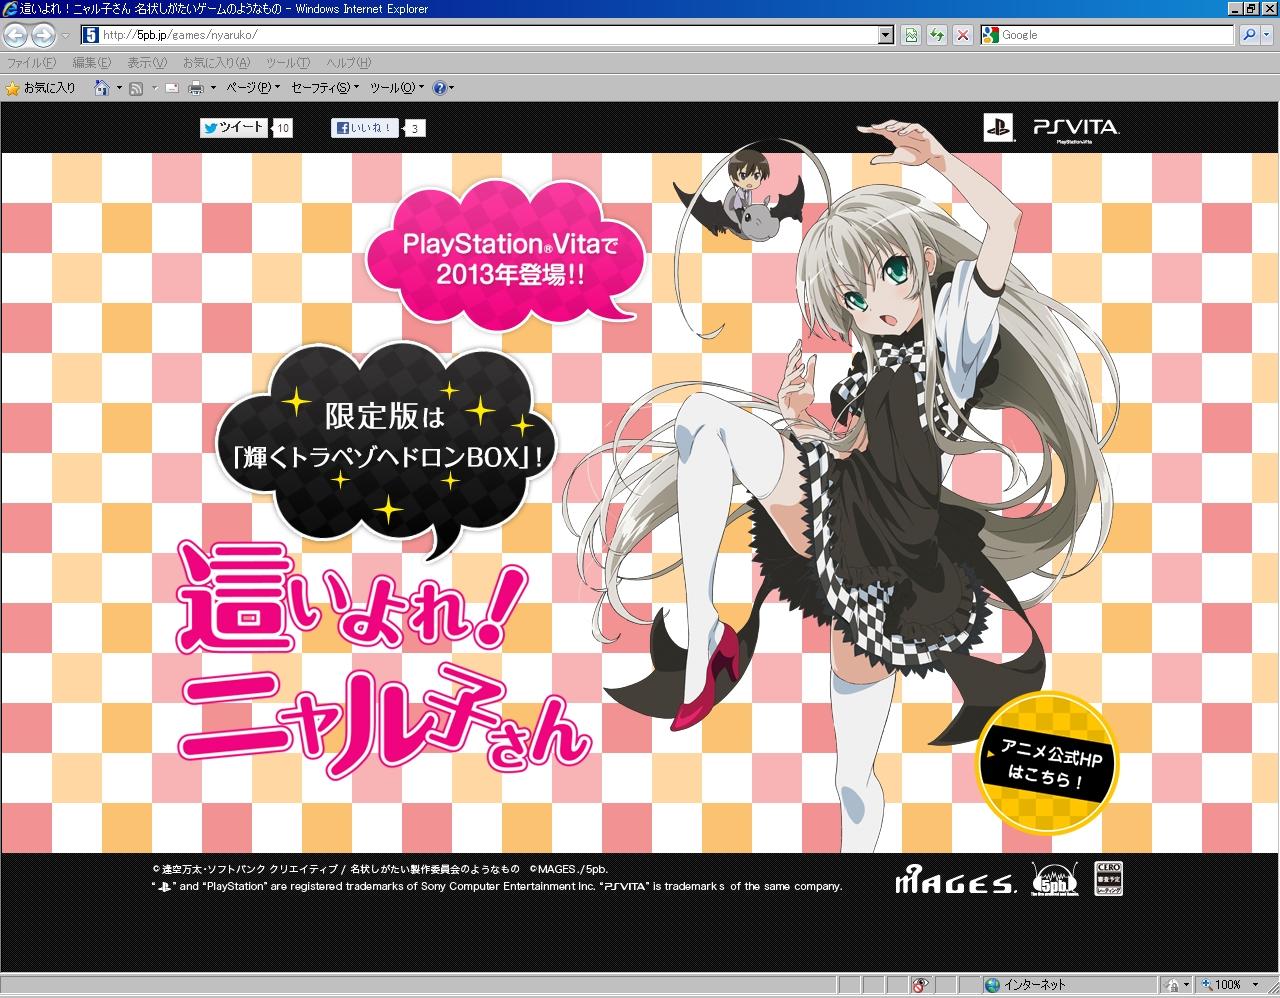 Vita『這いよれ!ニャル子さん 名状しがたいゲームのようなもの』、発売日が5月30日に決定